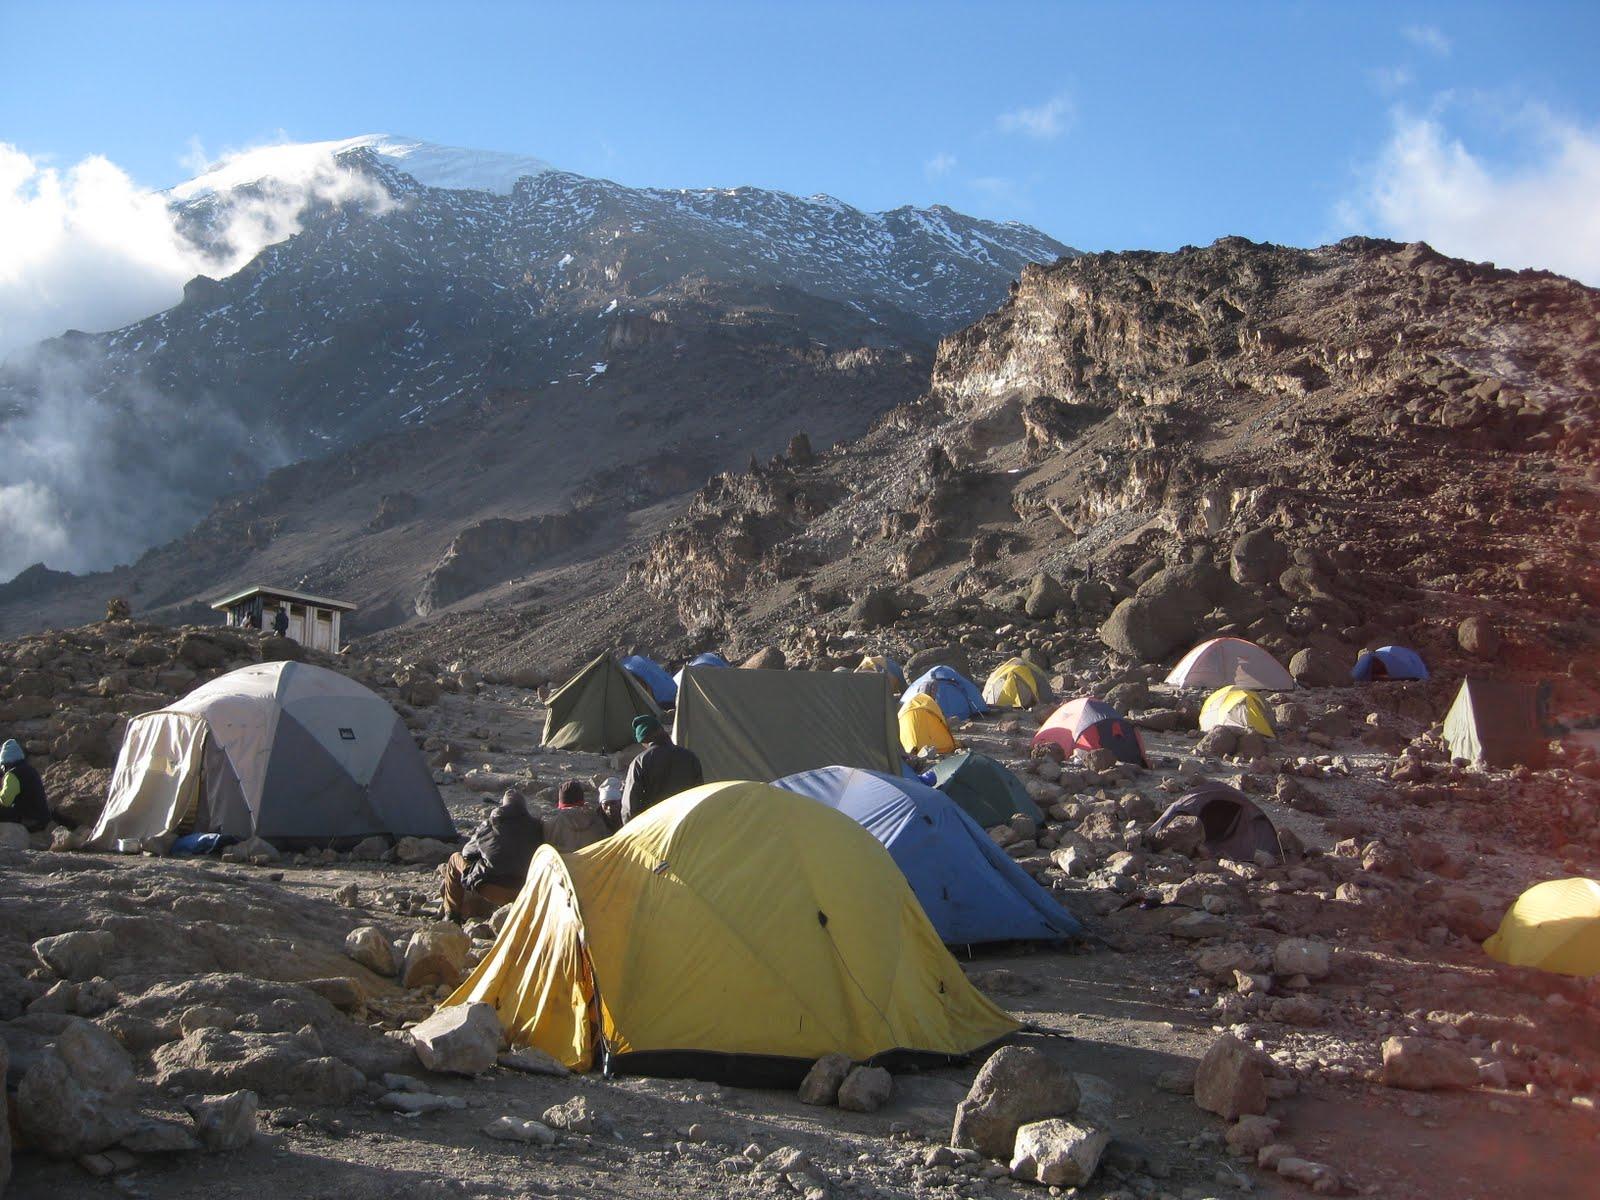 wp-content/uploads/itineraries/Kilimanjaro/kili-machame-barafu-camp.jpg